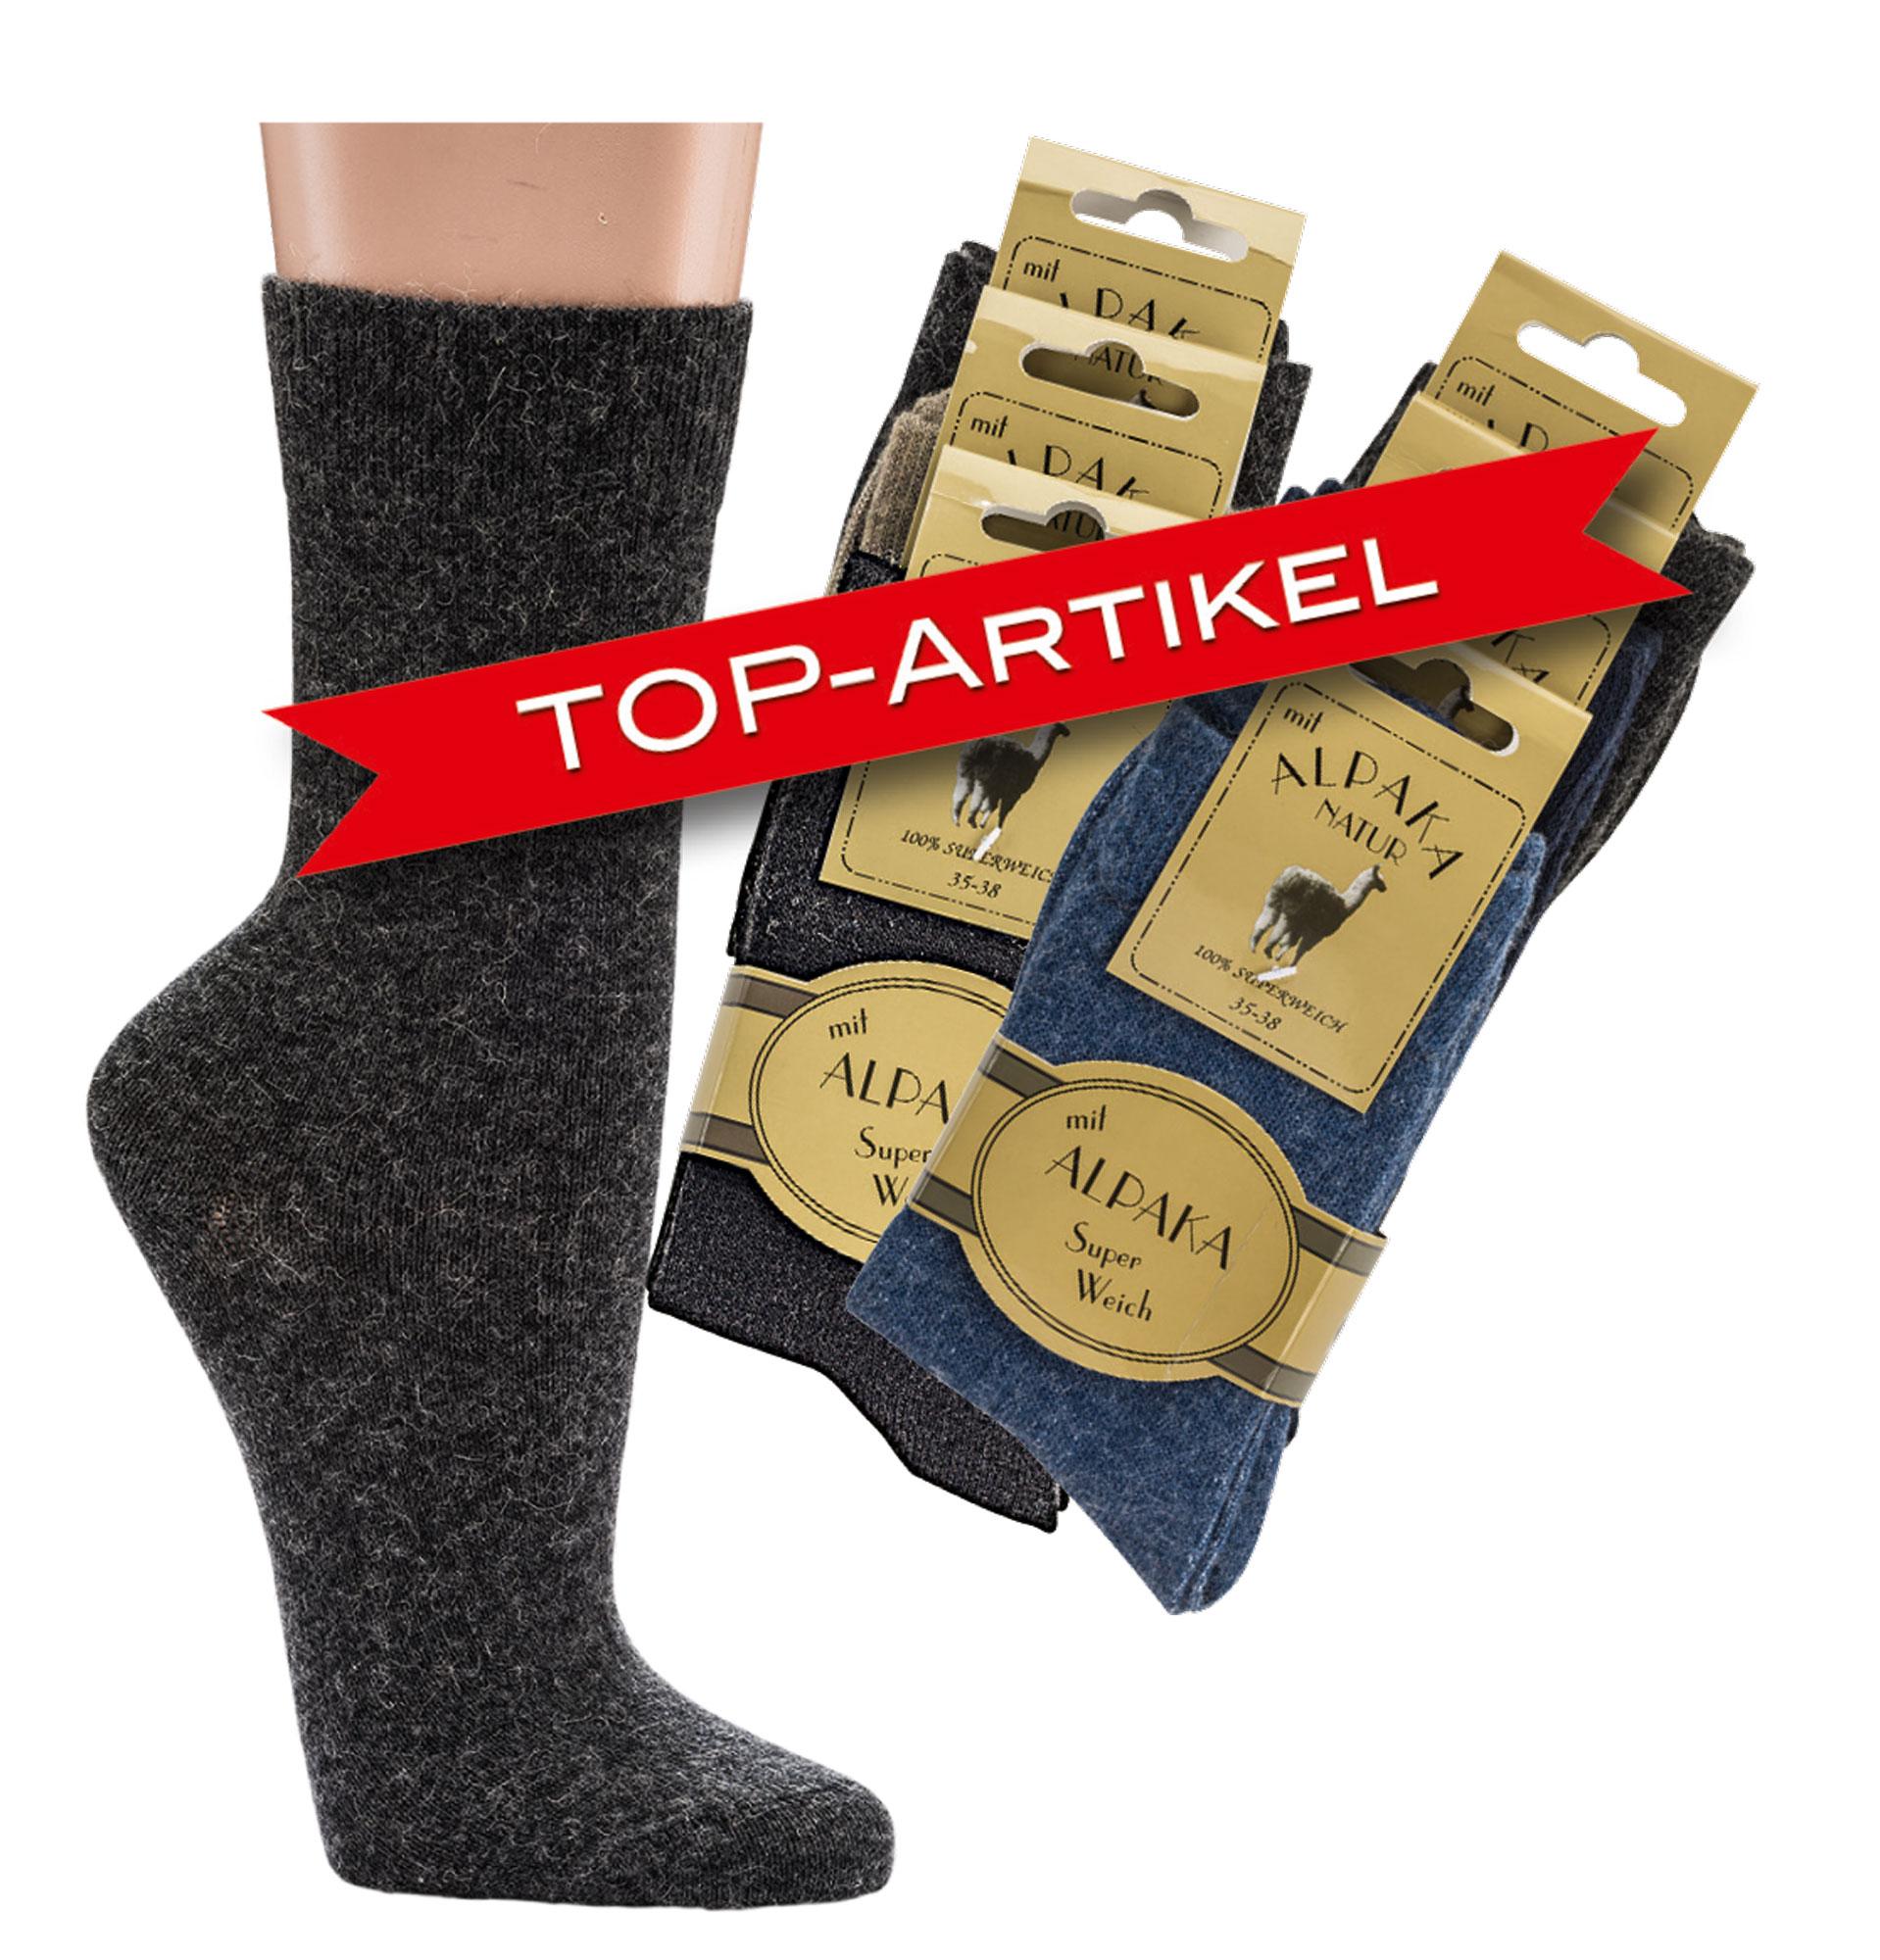 elegante Schuhe verfügbar außergewöhnliche Auswahl an Stilen und Farben Feine Wollsocken mit Alpaka * 3er-Bündel